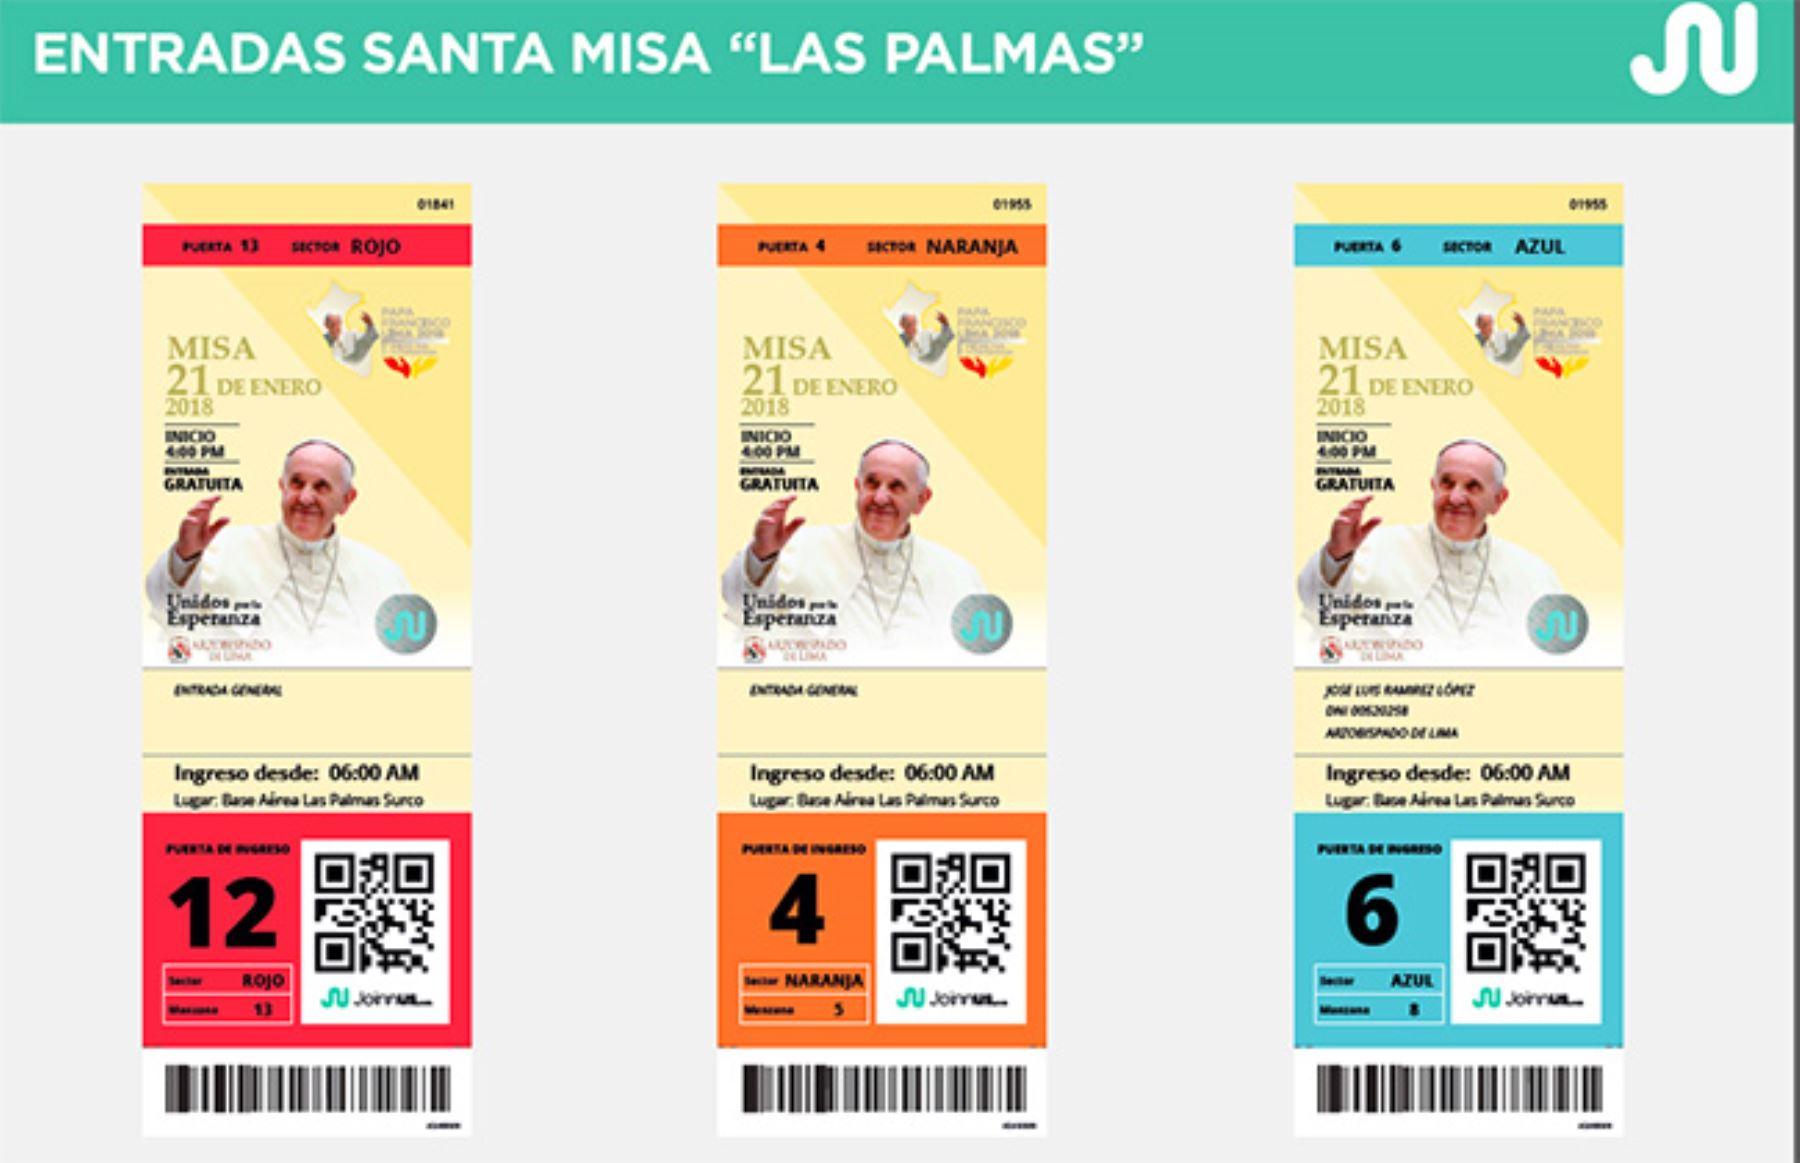 Entradas para la misa en base Las Palmas. Foto: Difusión